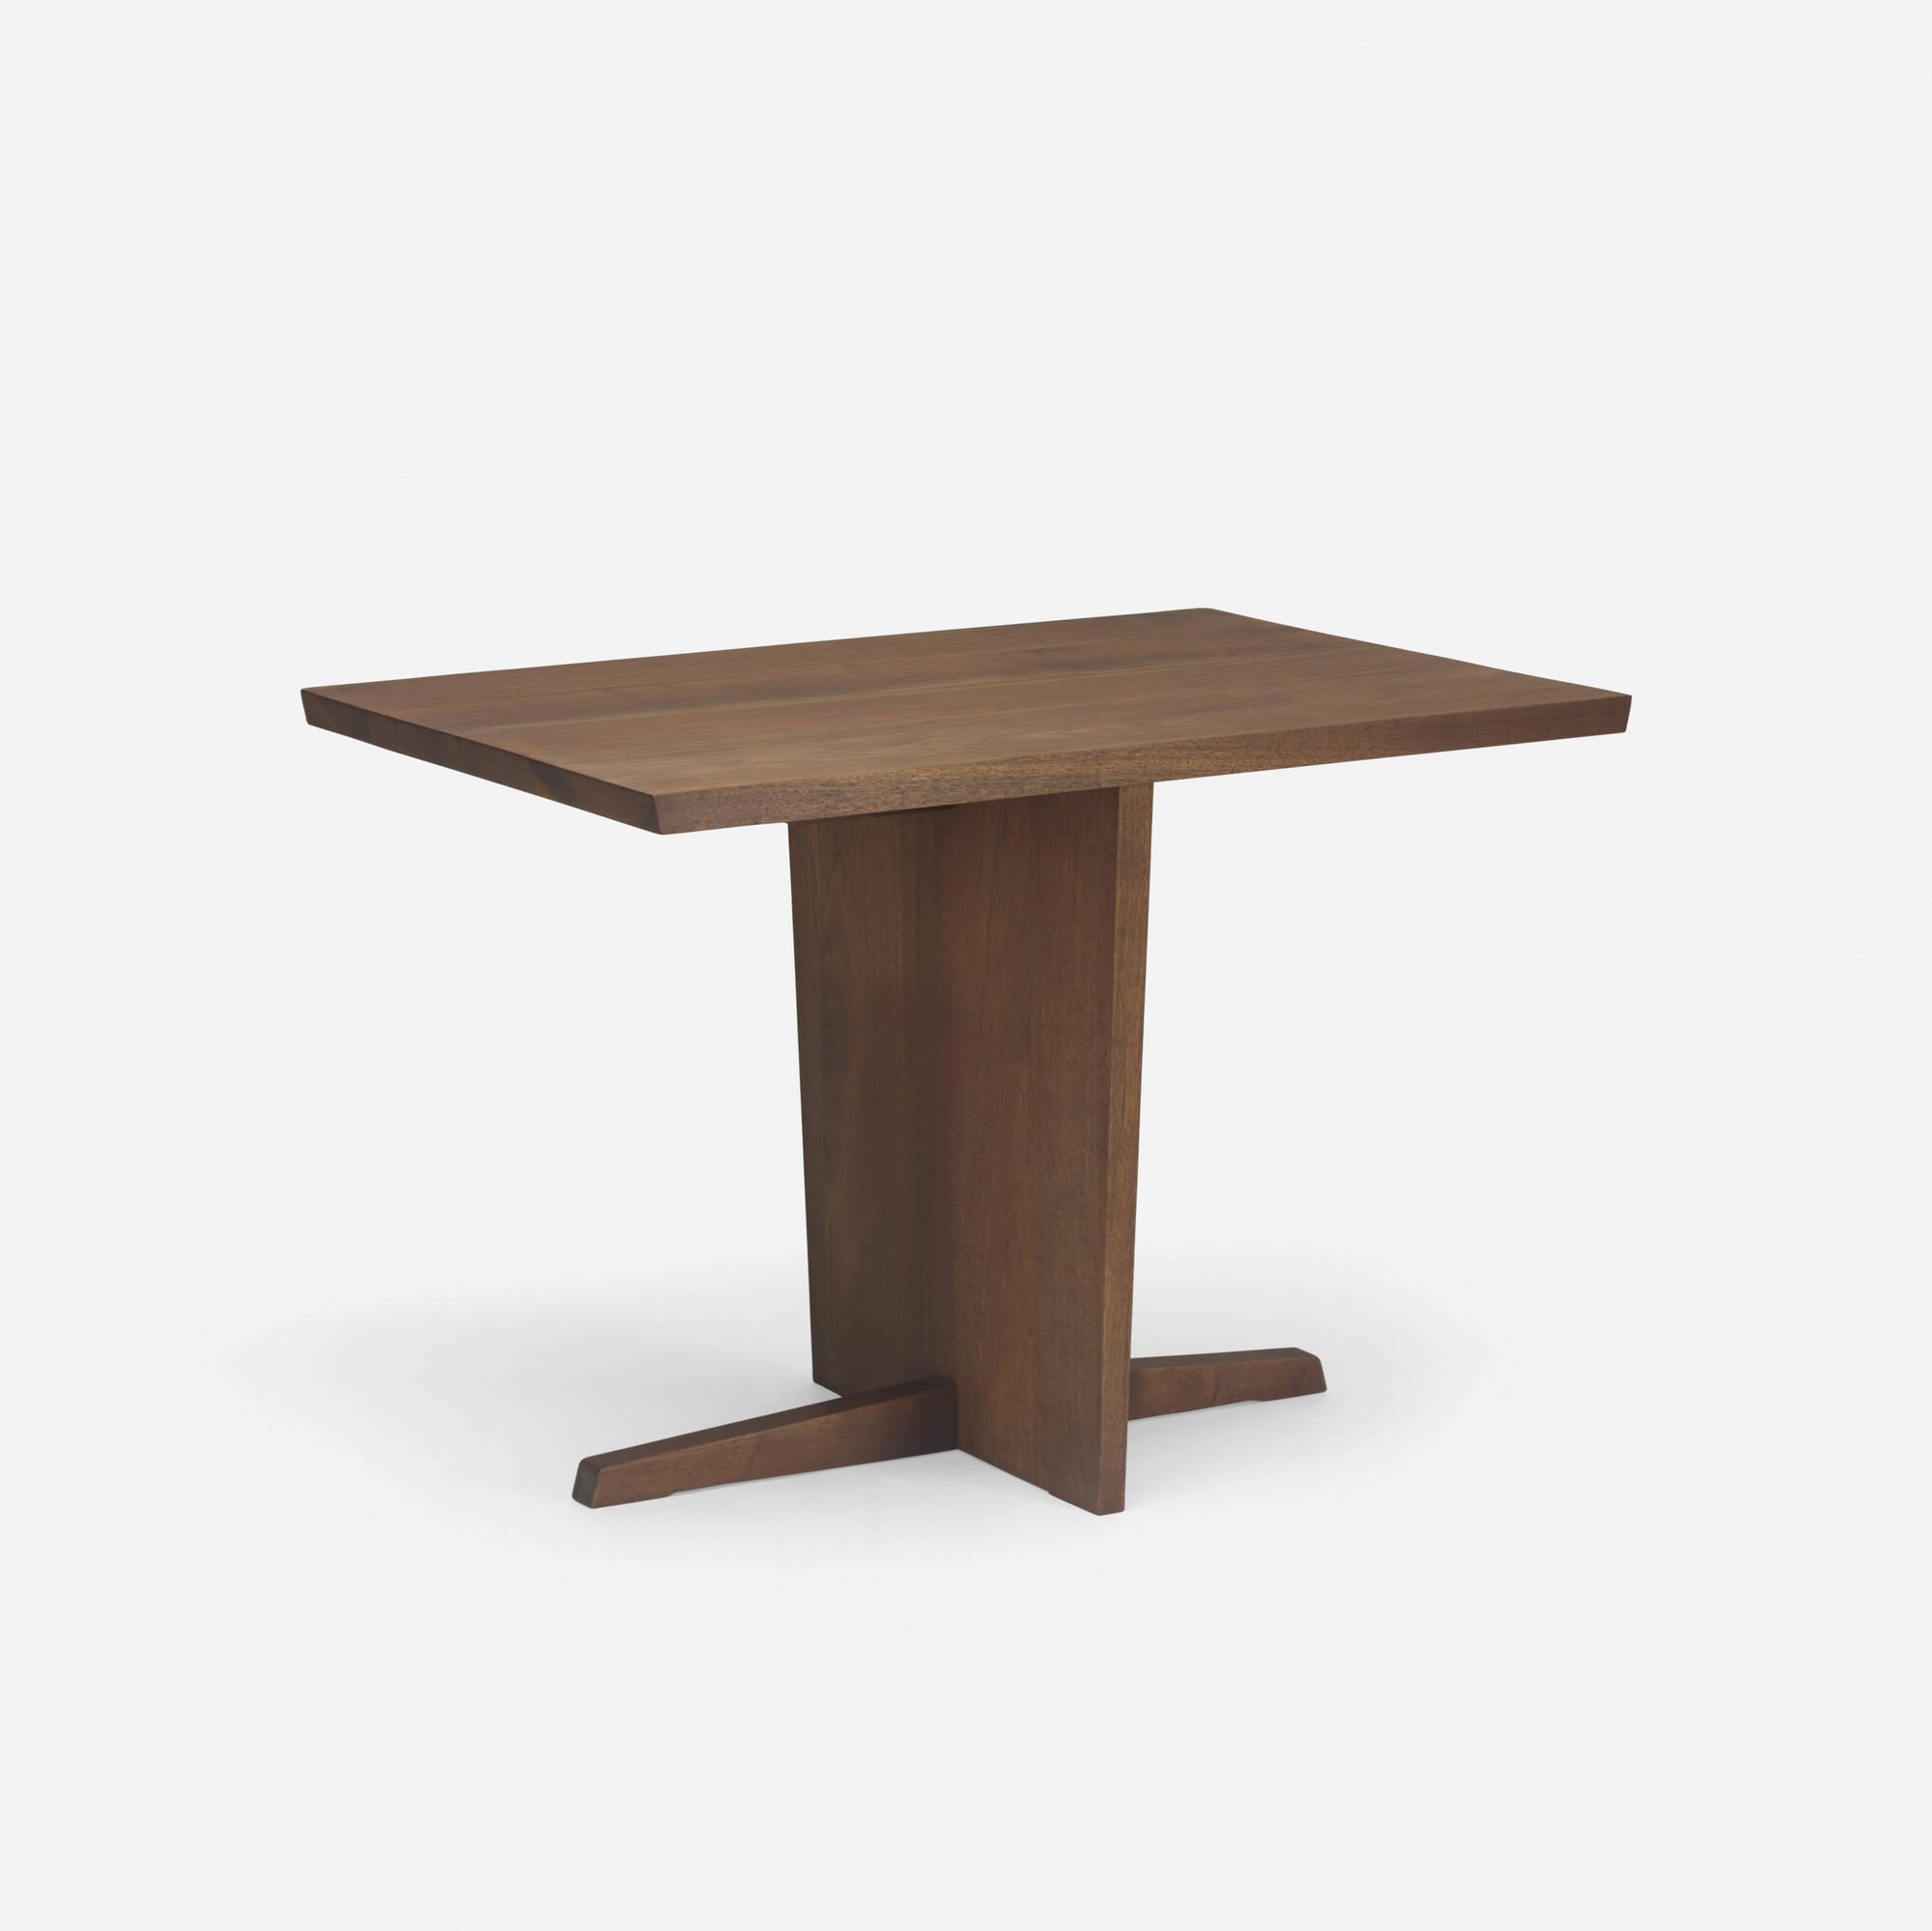 182: George Nakashima / Minguren I table (1 of 2)